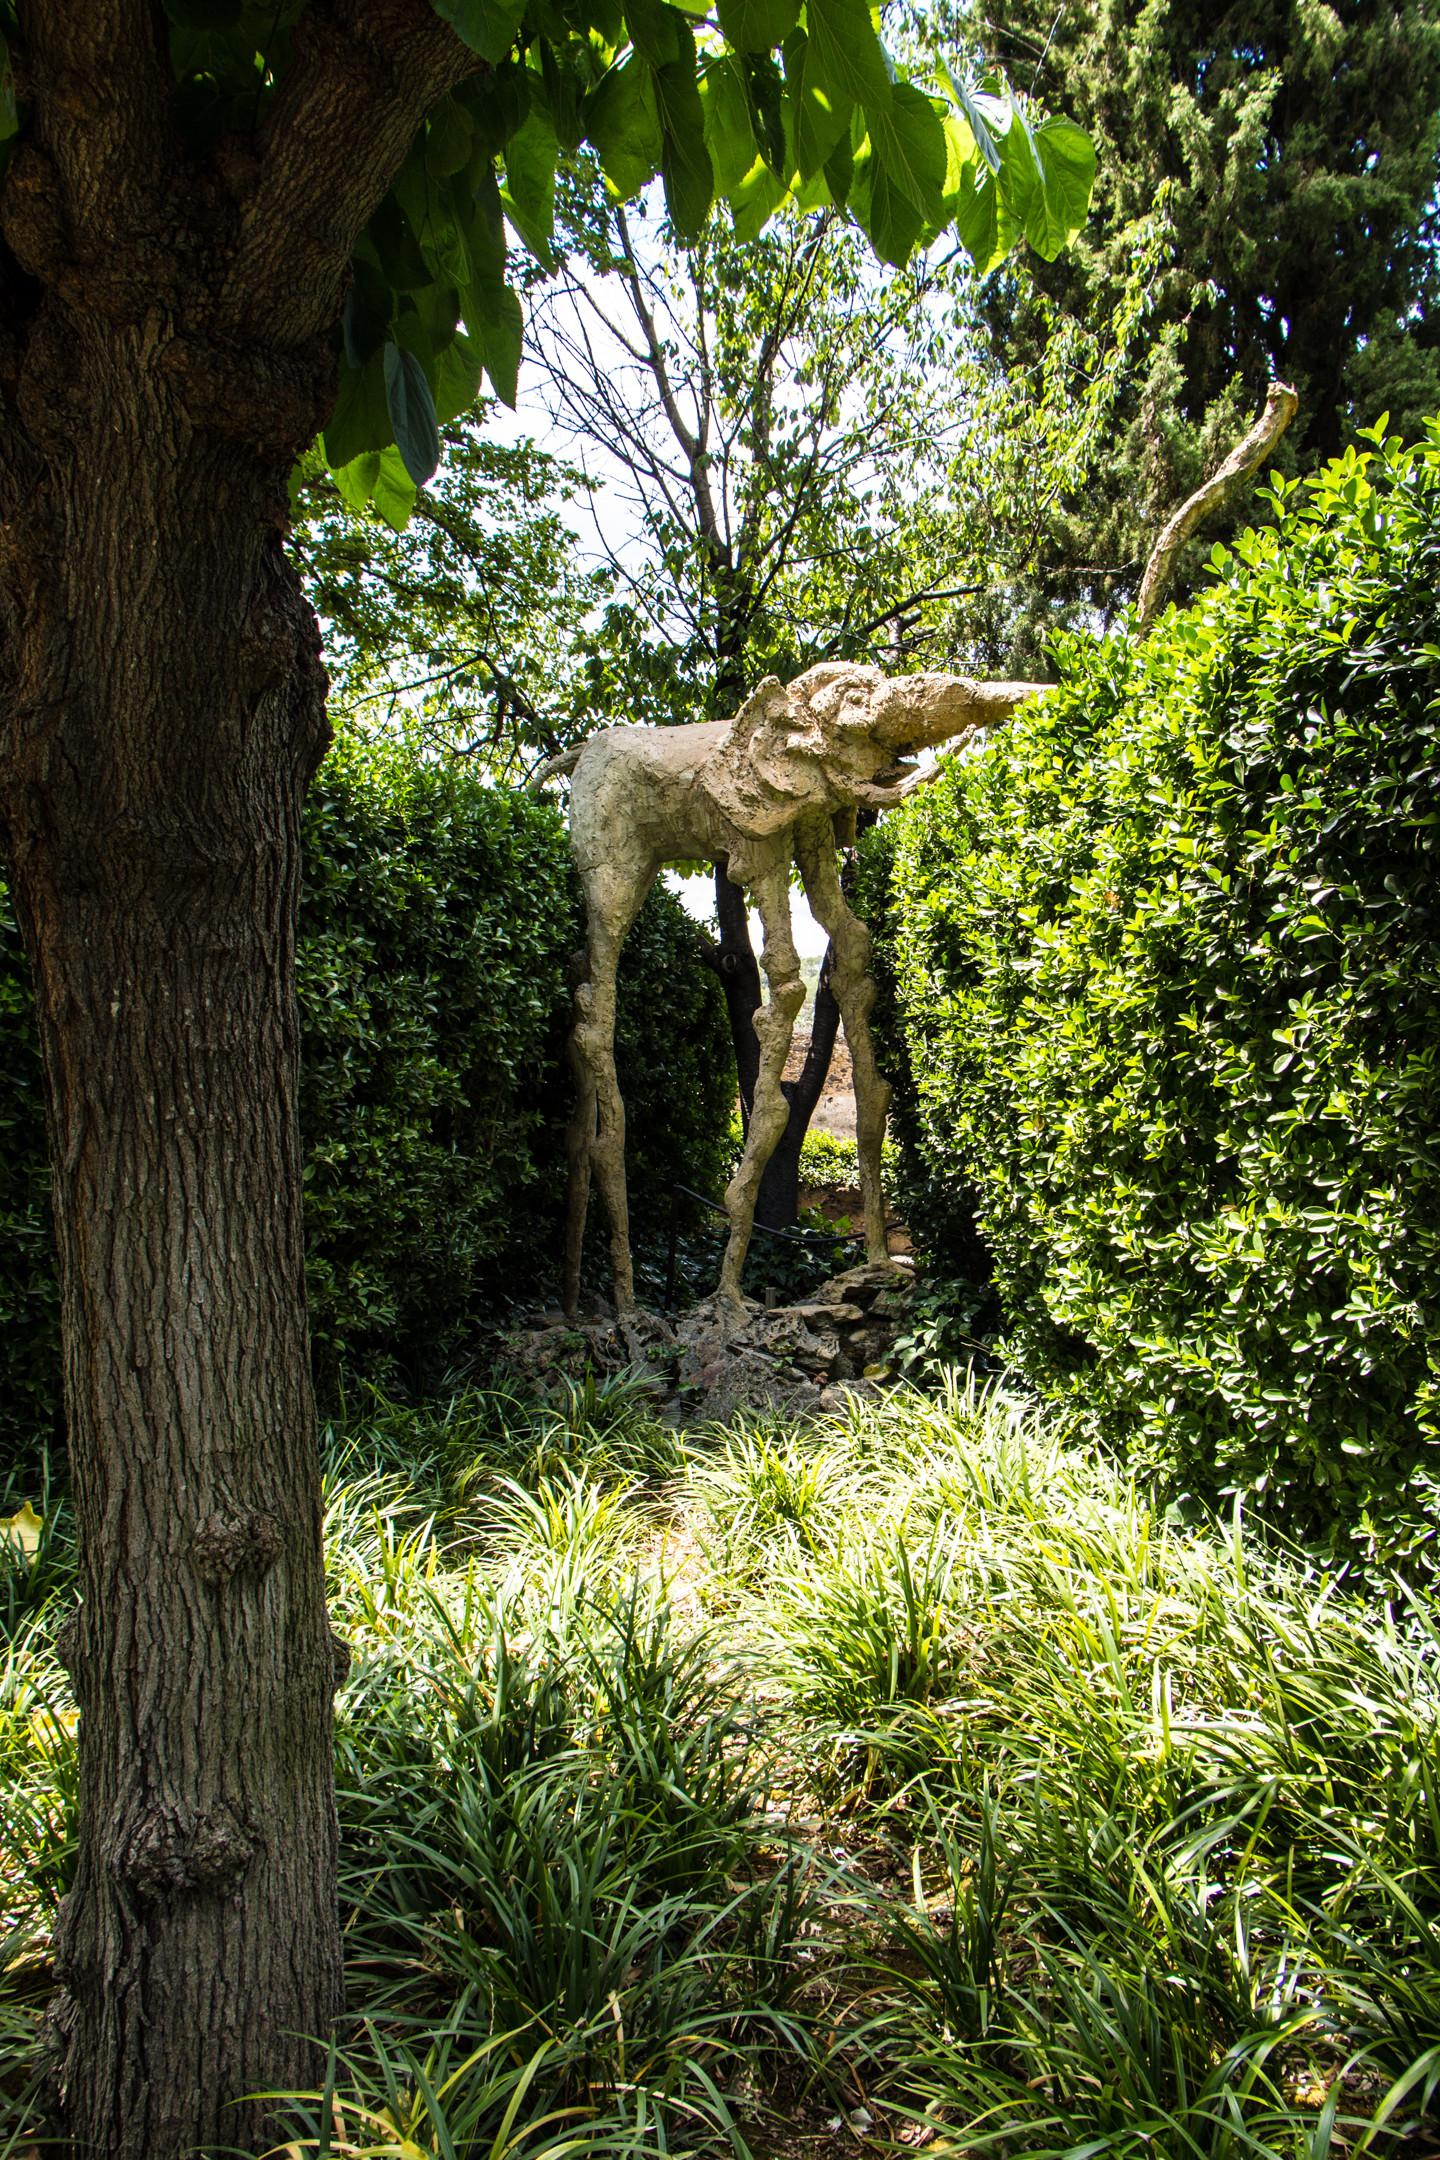 Elefante en el jardín del Museo Castillo Gala Dali, Púbol (Gerona)